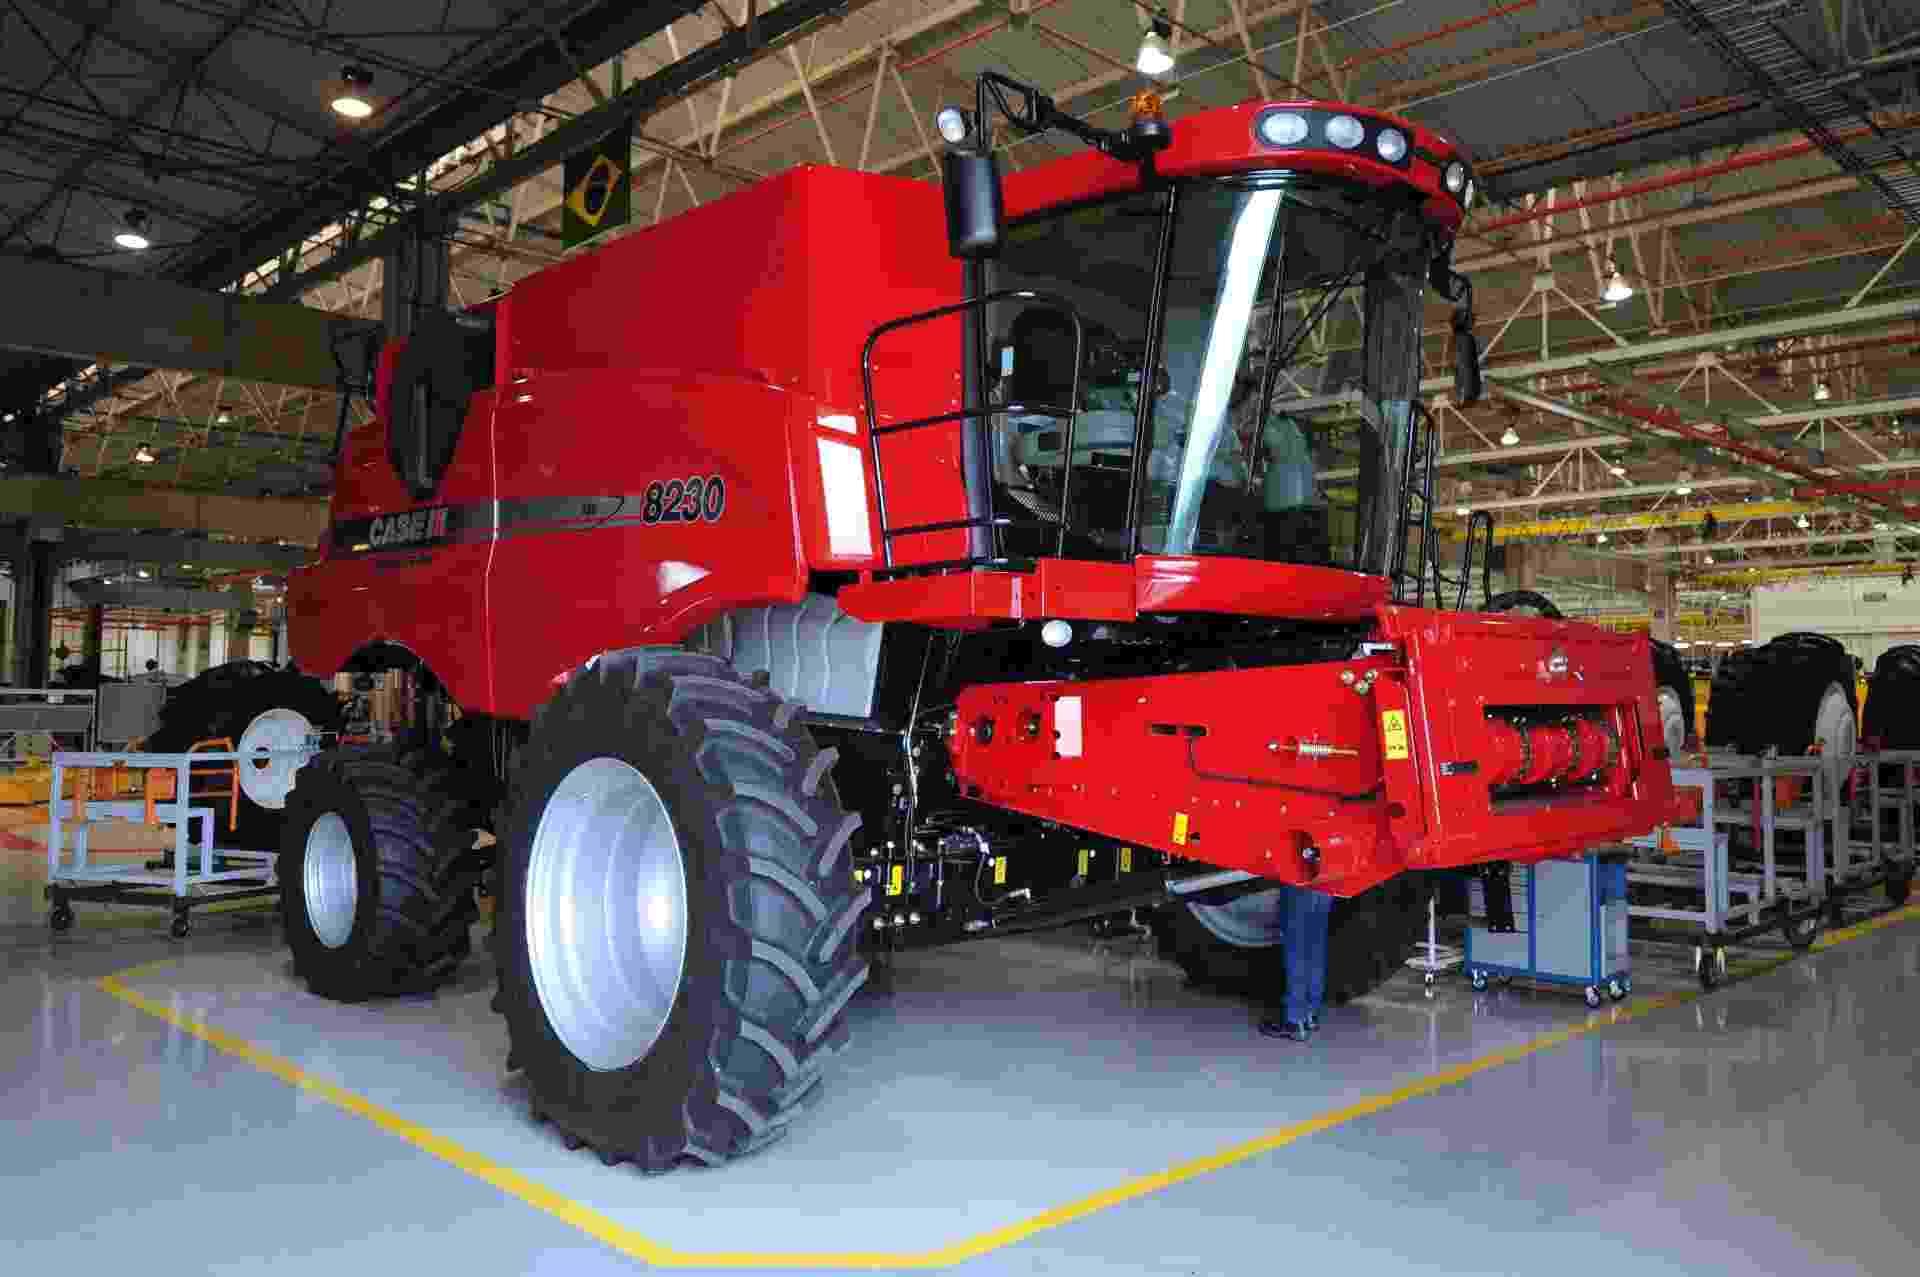 Somente até agosto de 2013, a venda de máquinas agrícolas no Brasil já chegou a quase 5.000 unidades, contra 3.093 no mesmo período de 2012, um aumento de 61,4% segundo dados da Anfavea (Associação Nacional de Fabricantes de Veículos Automotores); na imagem, uma colheitadeira 8230 da marca Case - Junior Lago/UOL